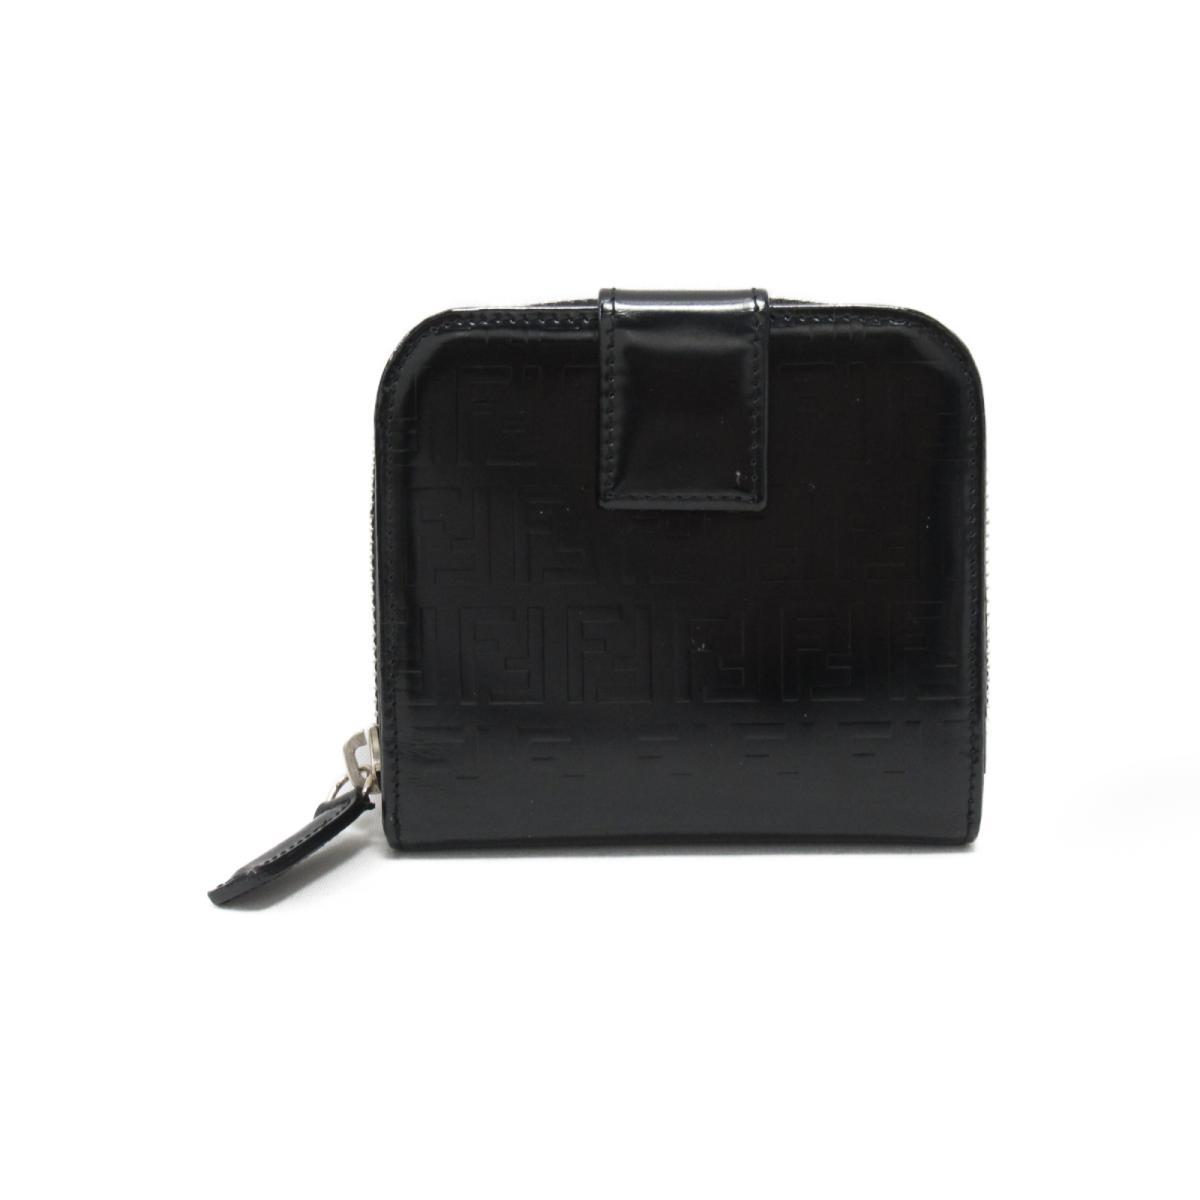 【お買い得!】ズッキーノ柄 二つ折り財布 財布